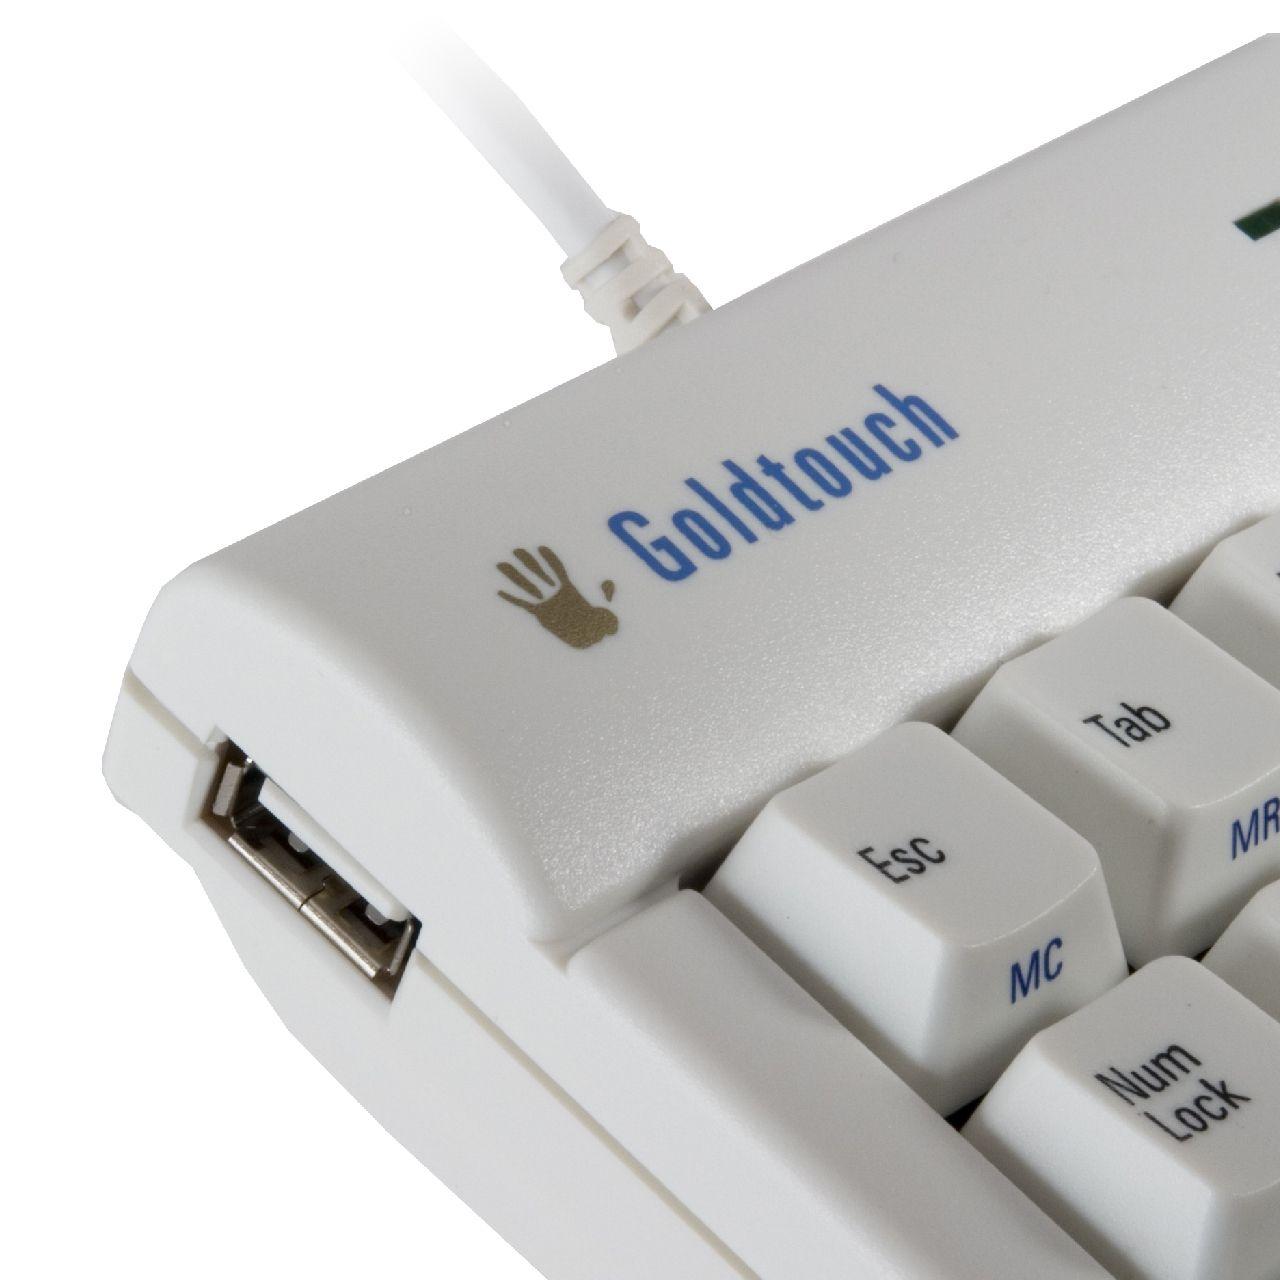 bakker elkhuizen goldtouch numeriek toetsenbord wit ERKAGOI301 product